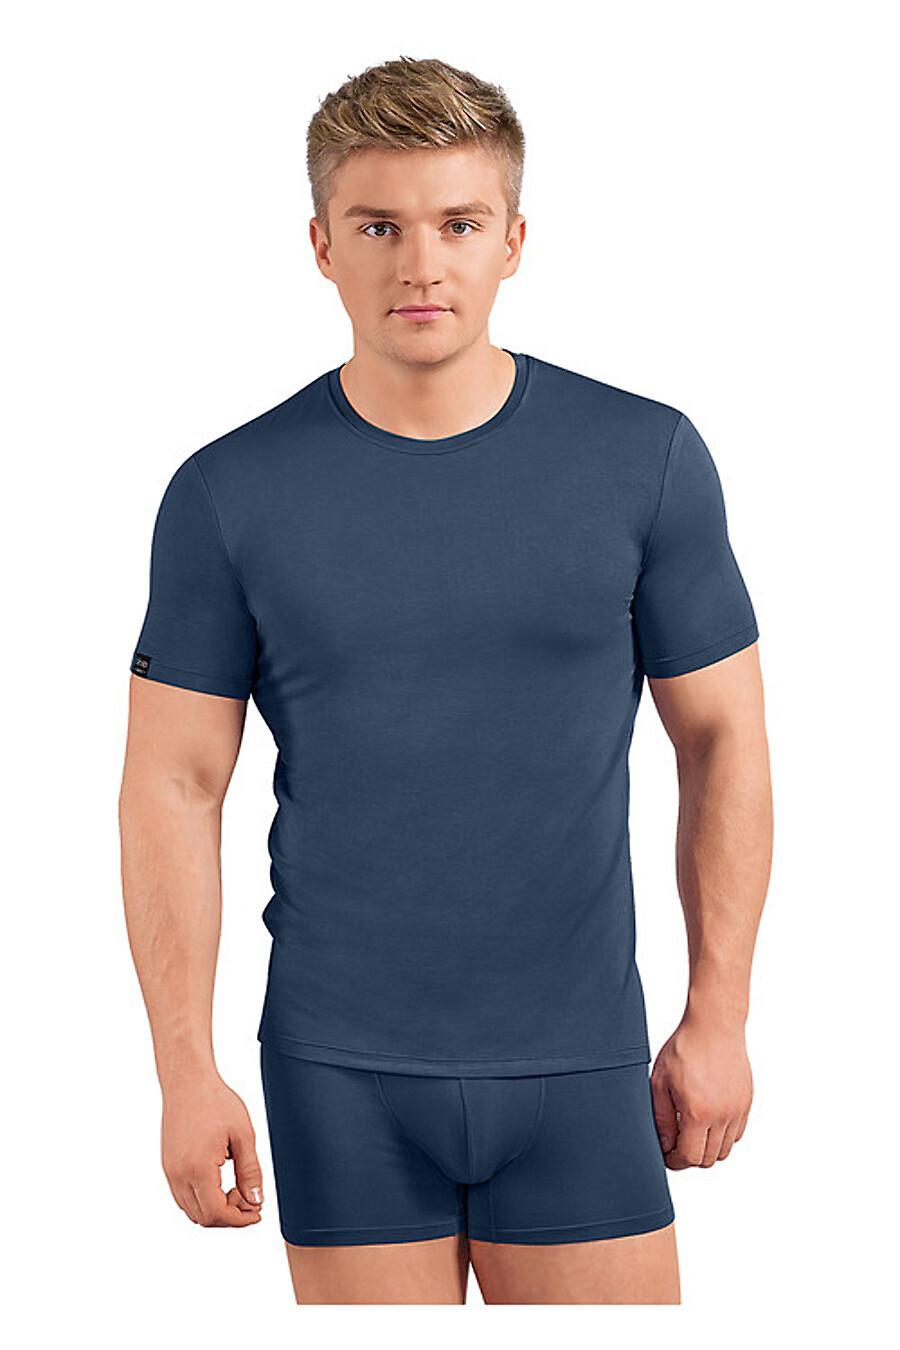 Футболка для мужчин CLEVER 151975 купить оптом от производителя. Совместная покупка мужской одежды в OptMoyo